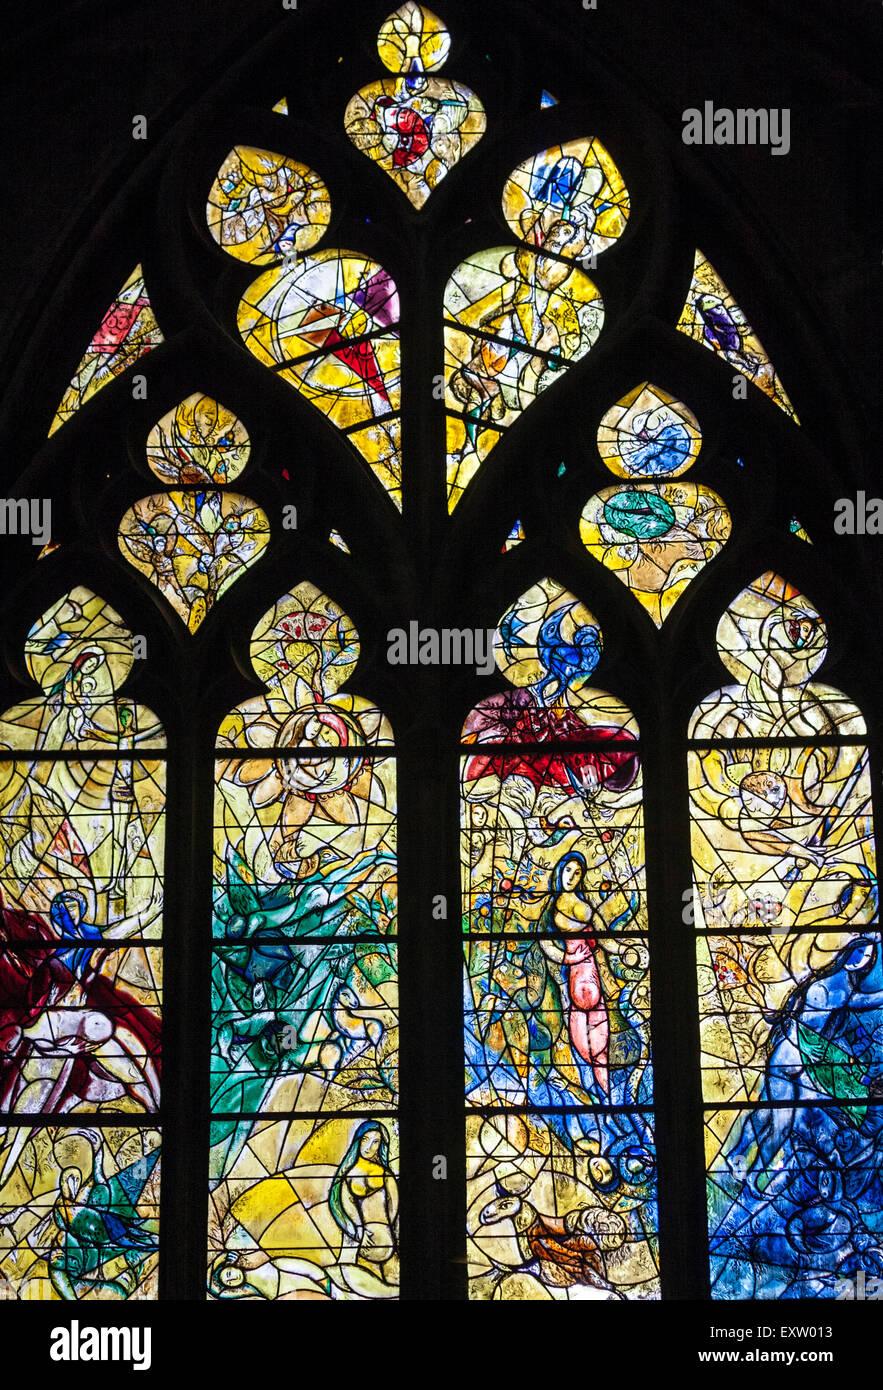 Vitraux Metz vitraux de marc chagall, 20e siècle. la cathédrale de metz, metz